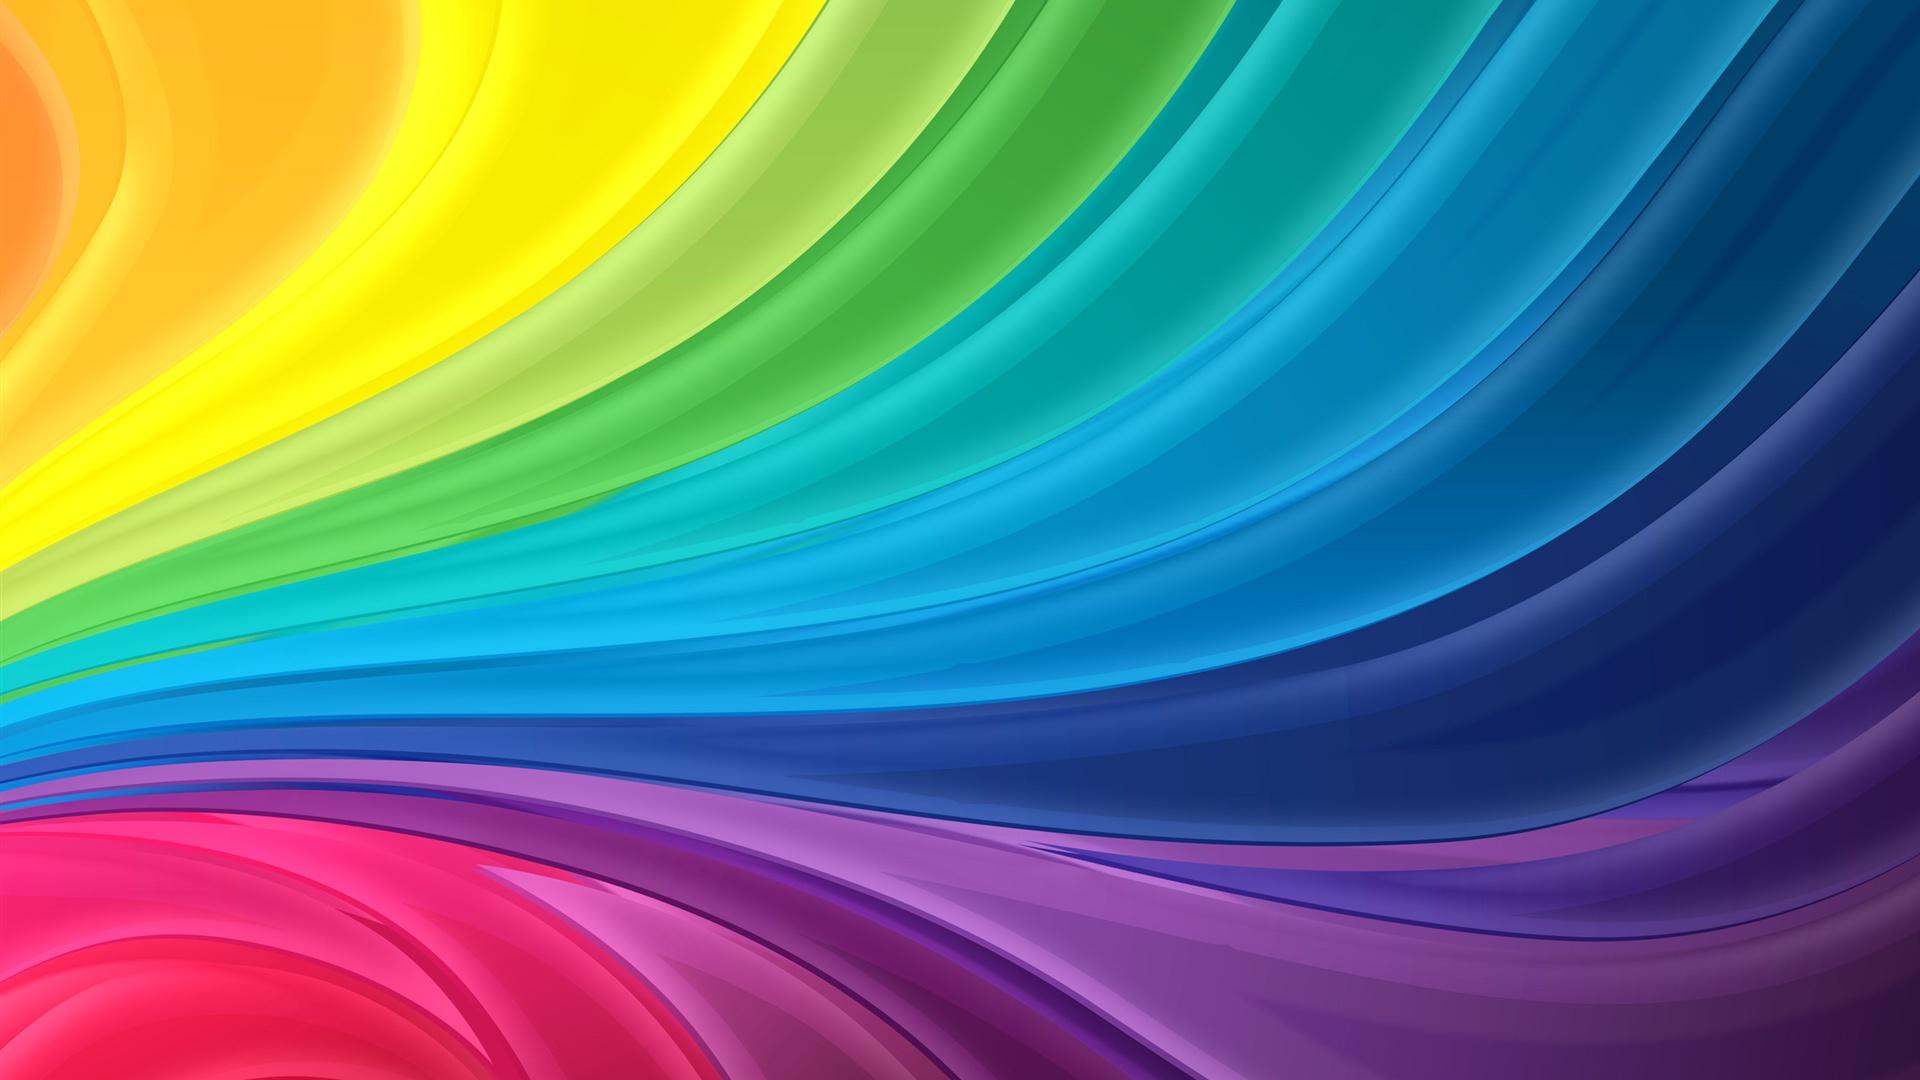 Regenbogen Streifen Abstrakte Welle 2560x1920 Hd Hintergrundbilder